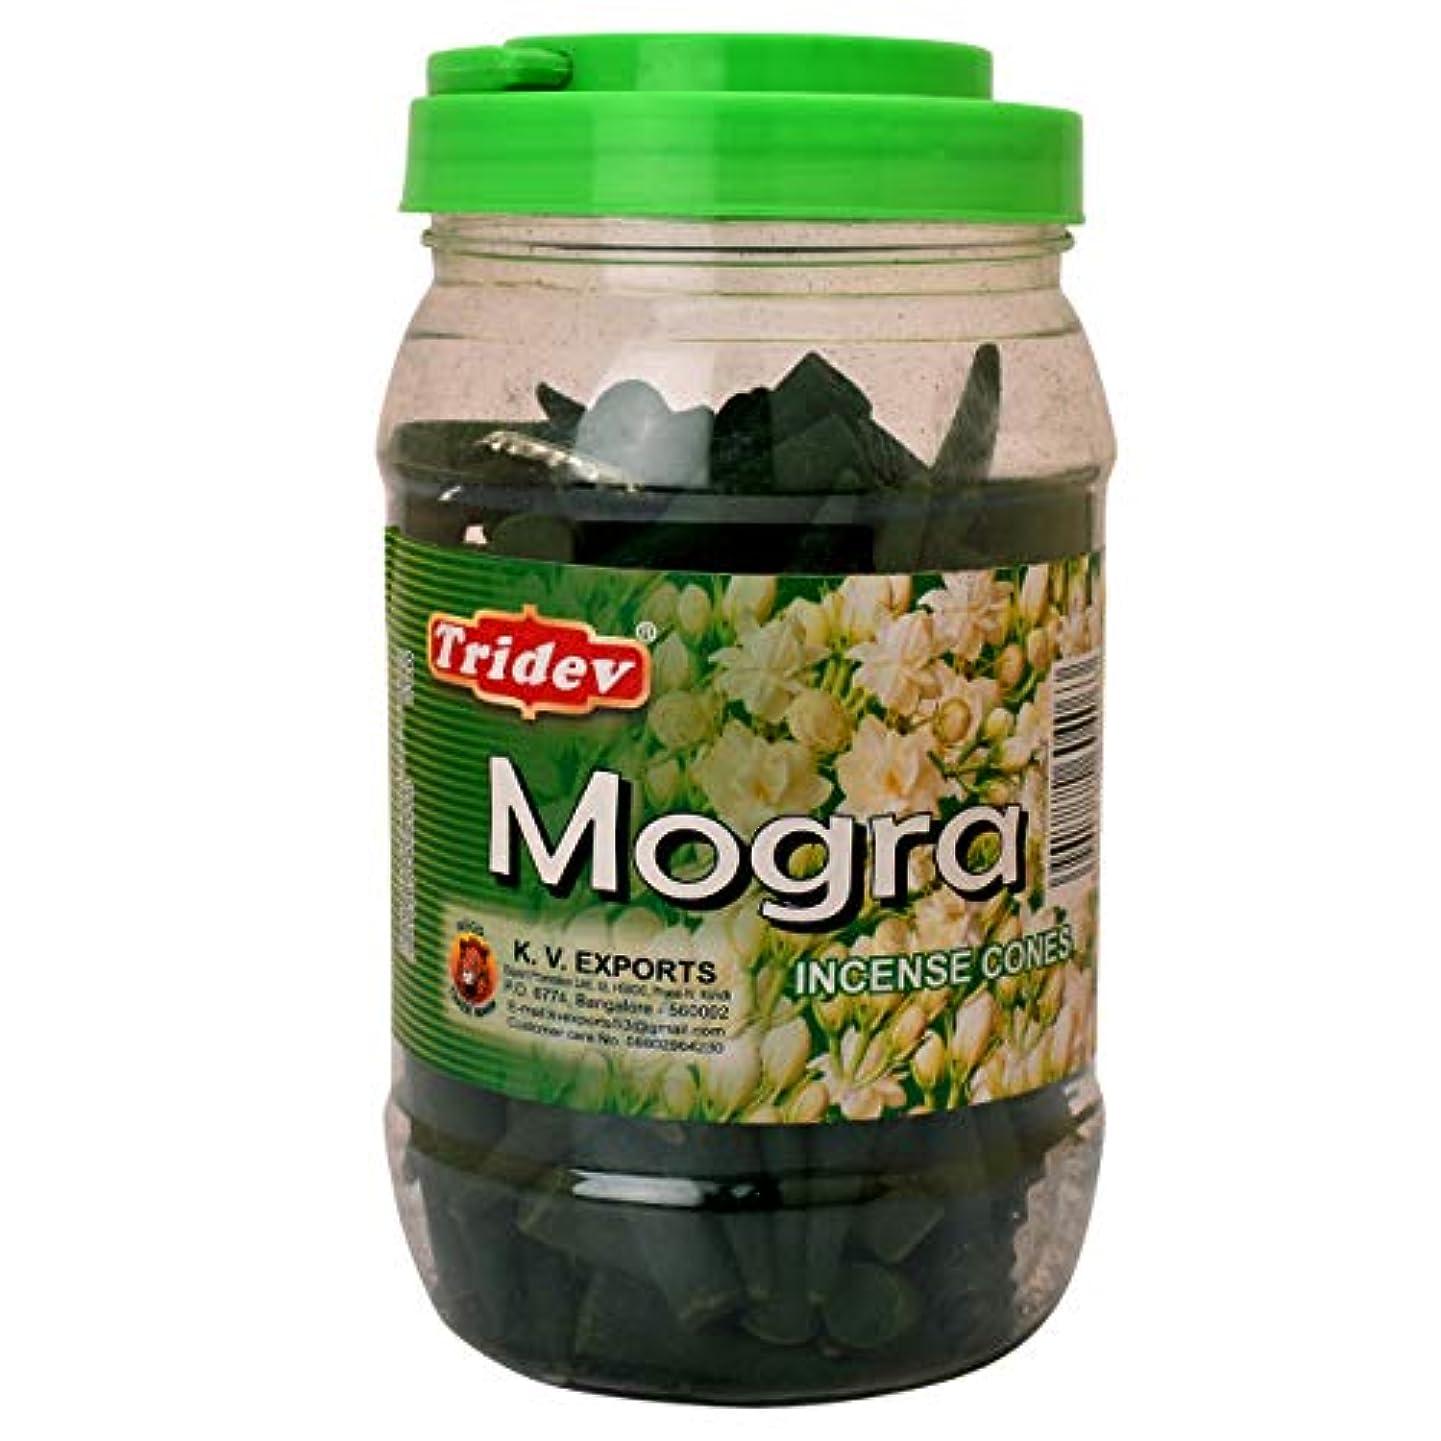 光宿題頼むTridev Mogra フレグランス コーン型お香 500グラム 瓶 輸出品質